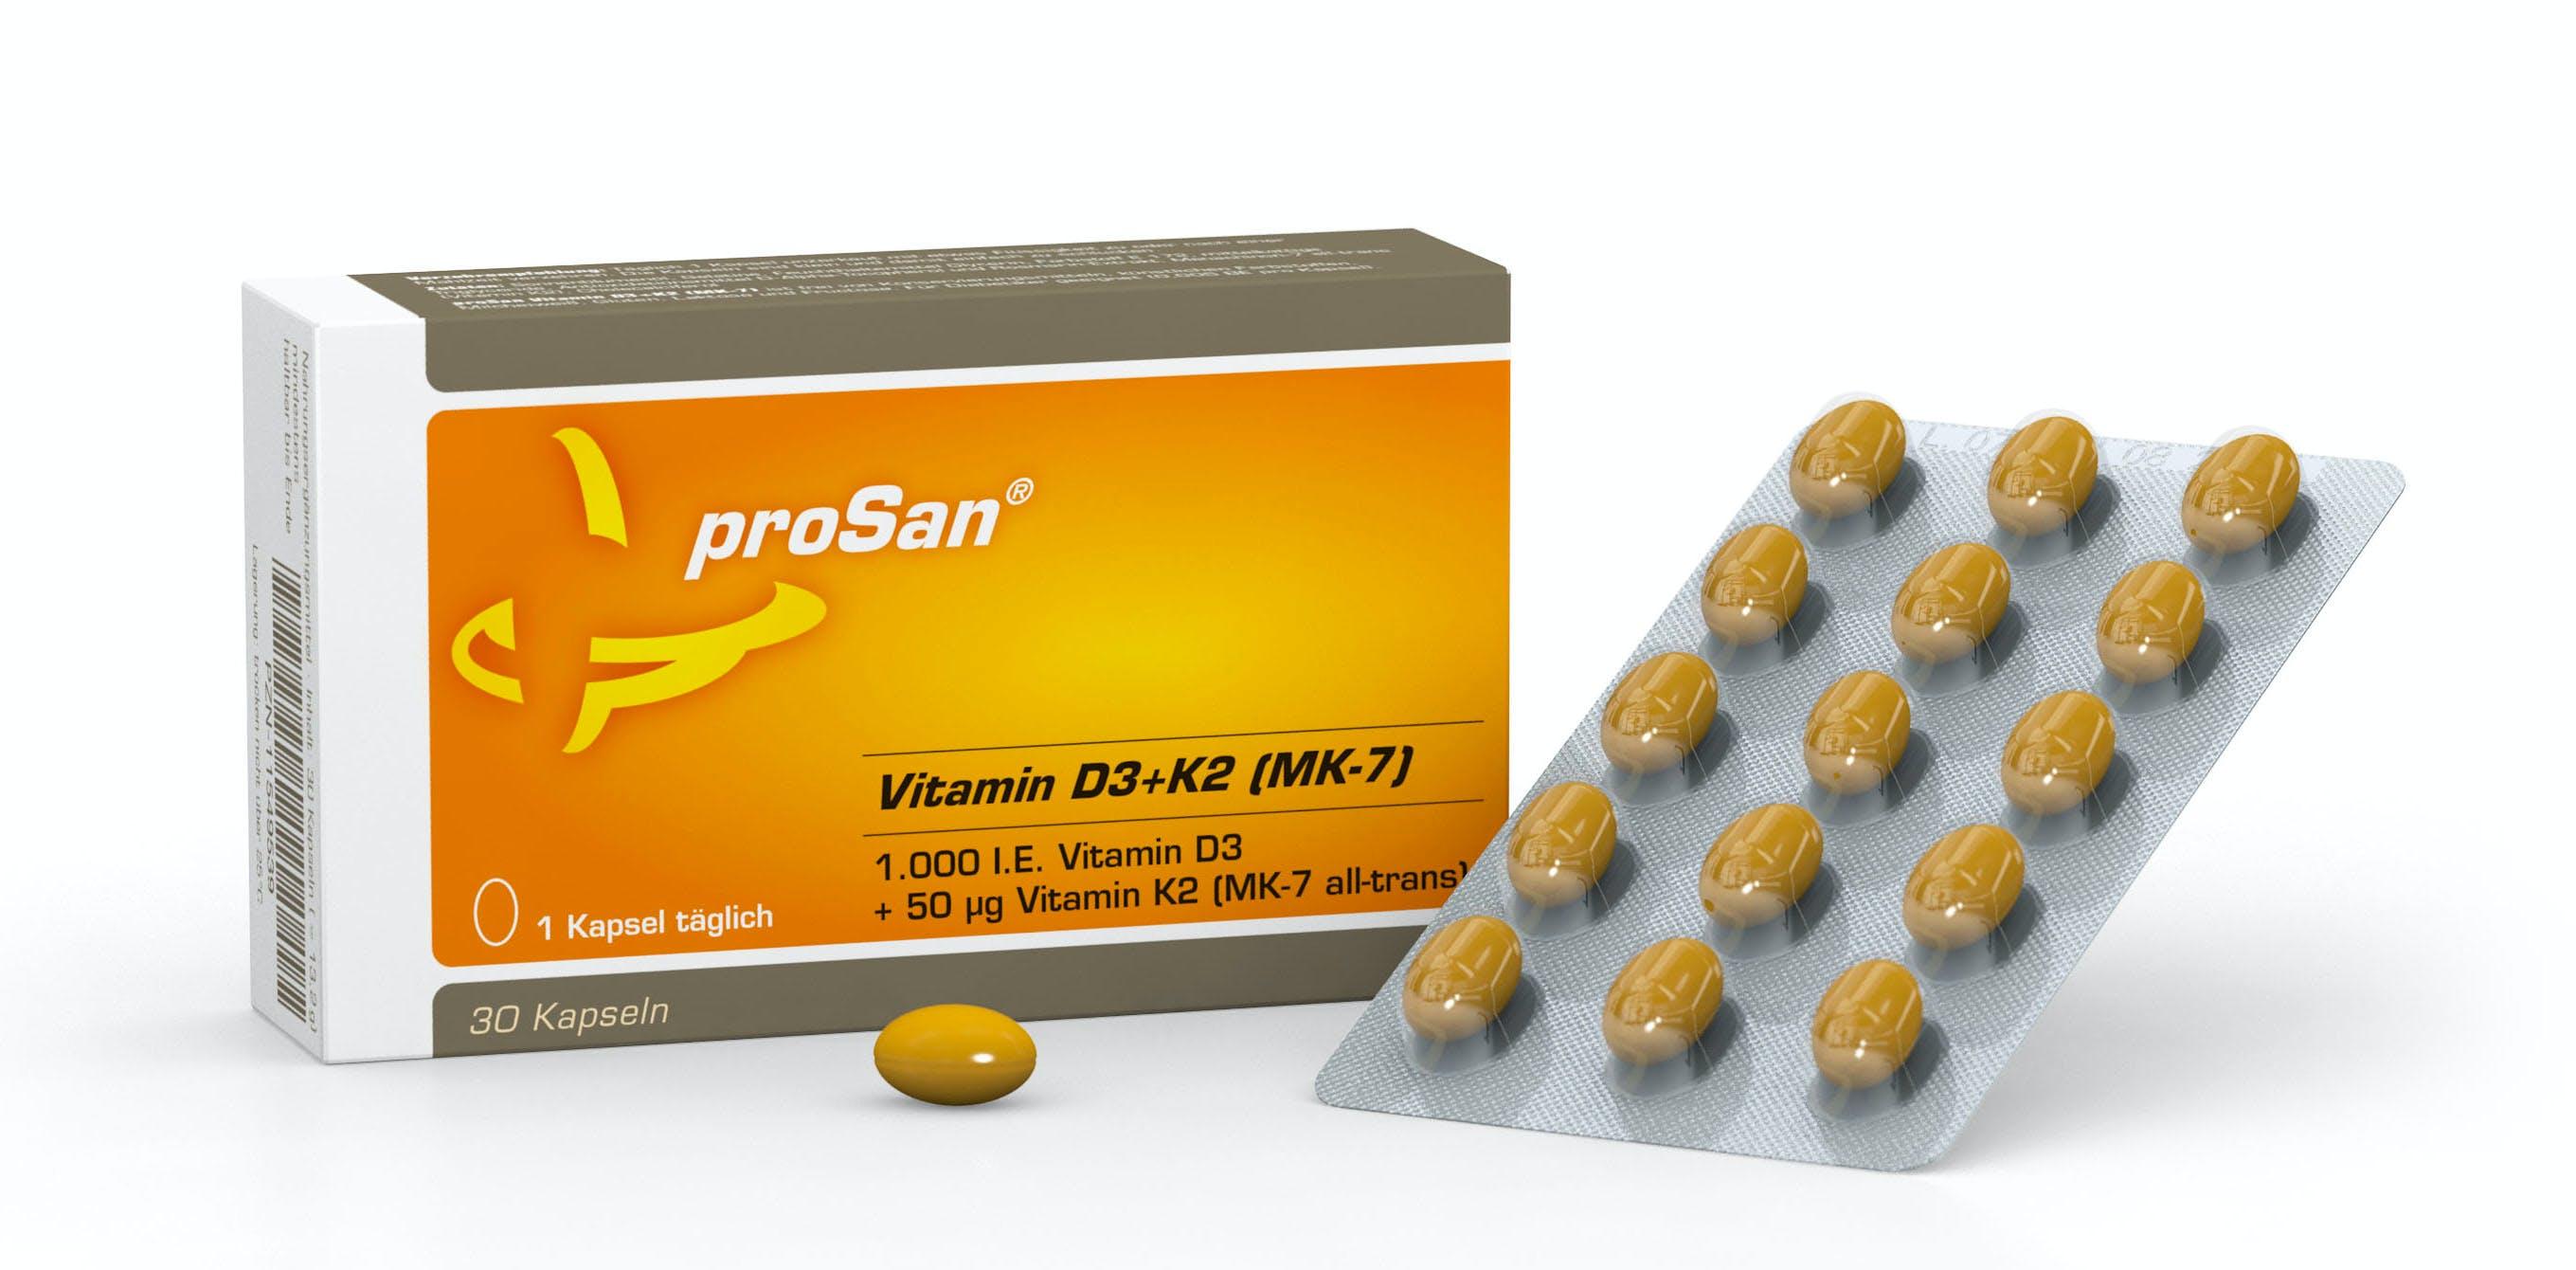 proSan Vitamin D3+K2 (MK-7)